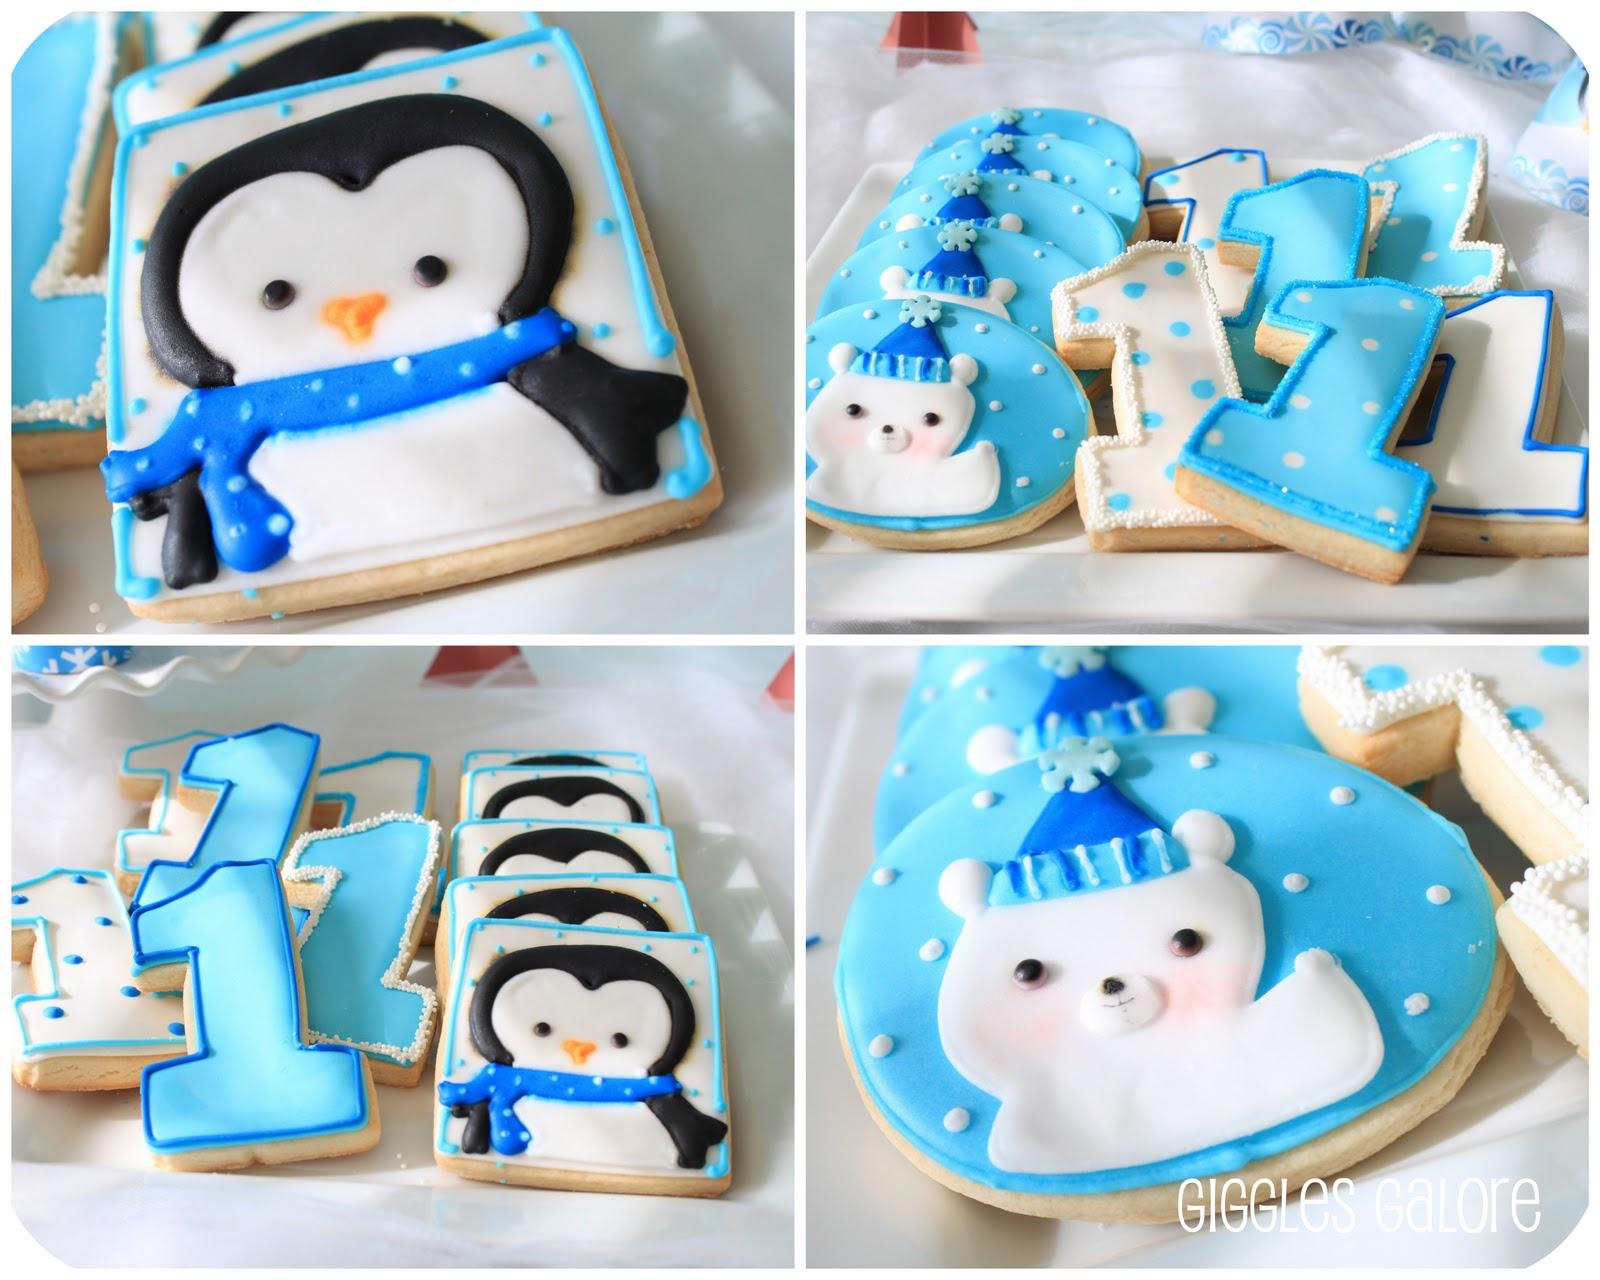 winter onederland polar bears penguins party idea for. Black Bedroom Furniture Sets. Home Design Ideas